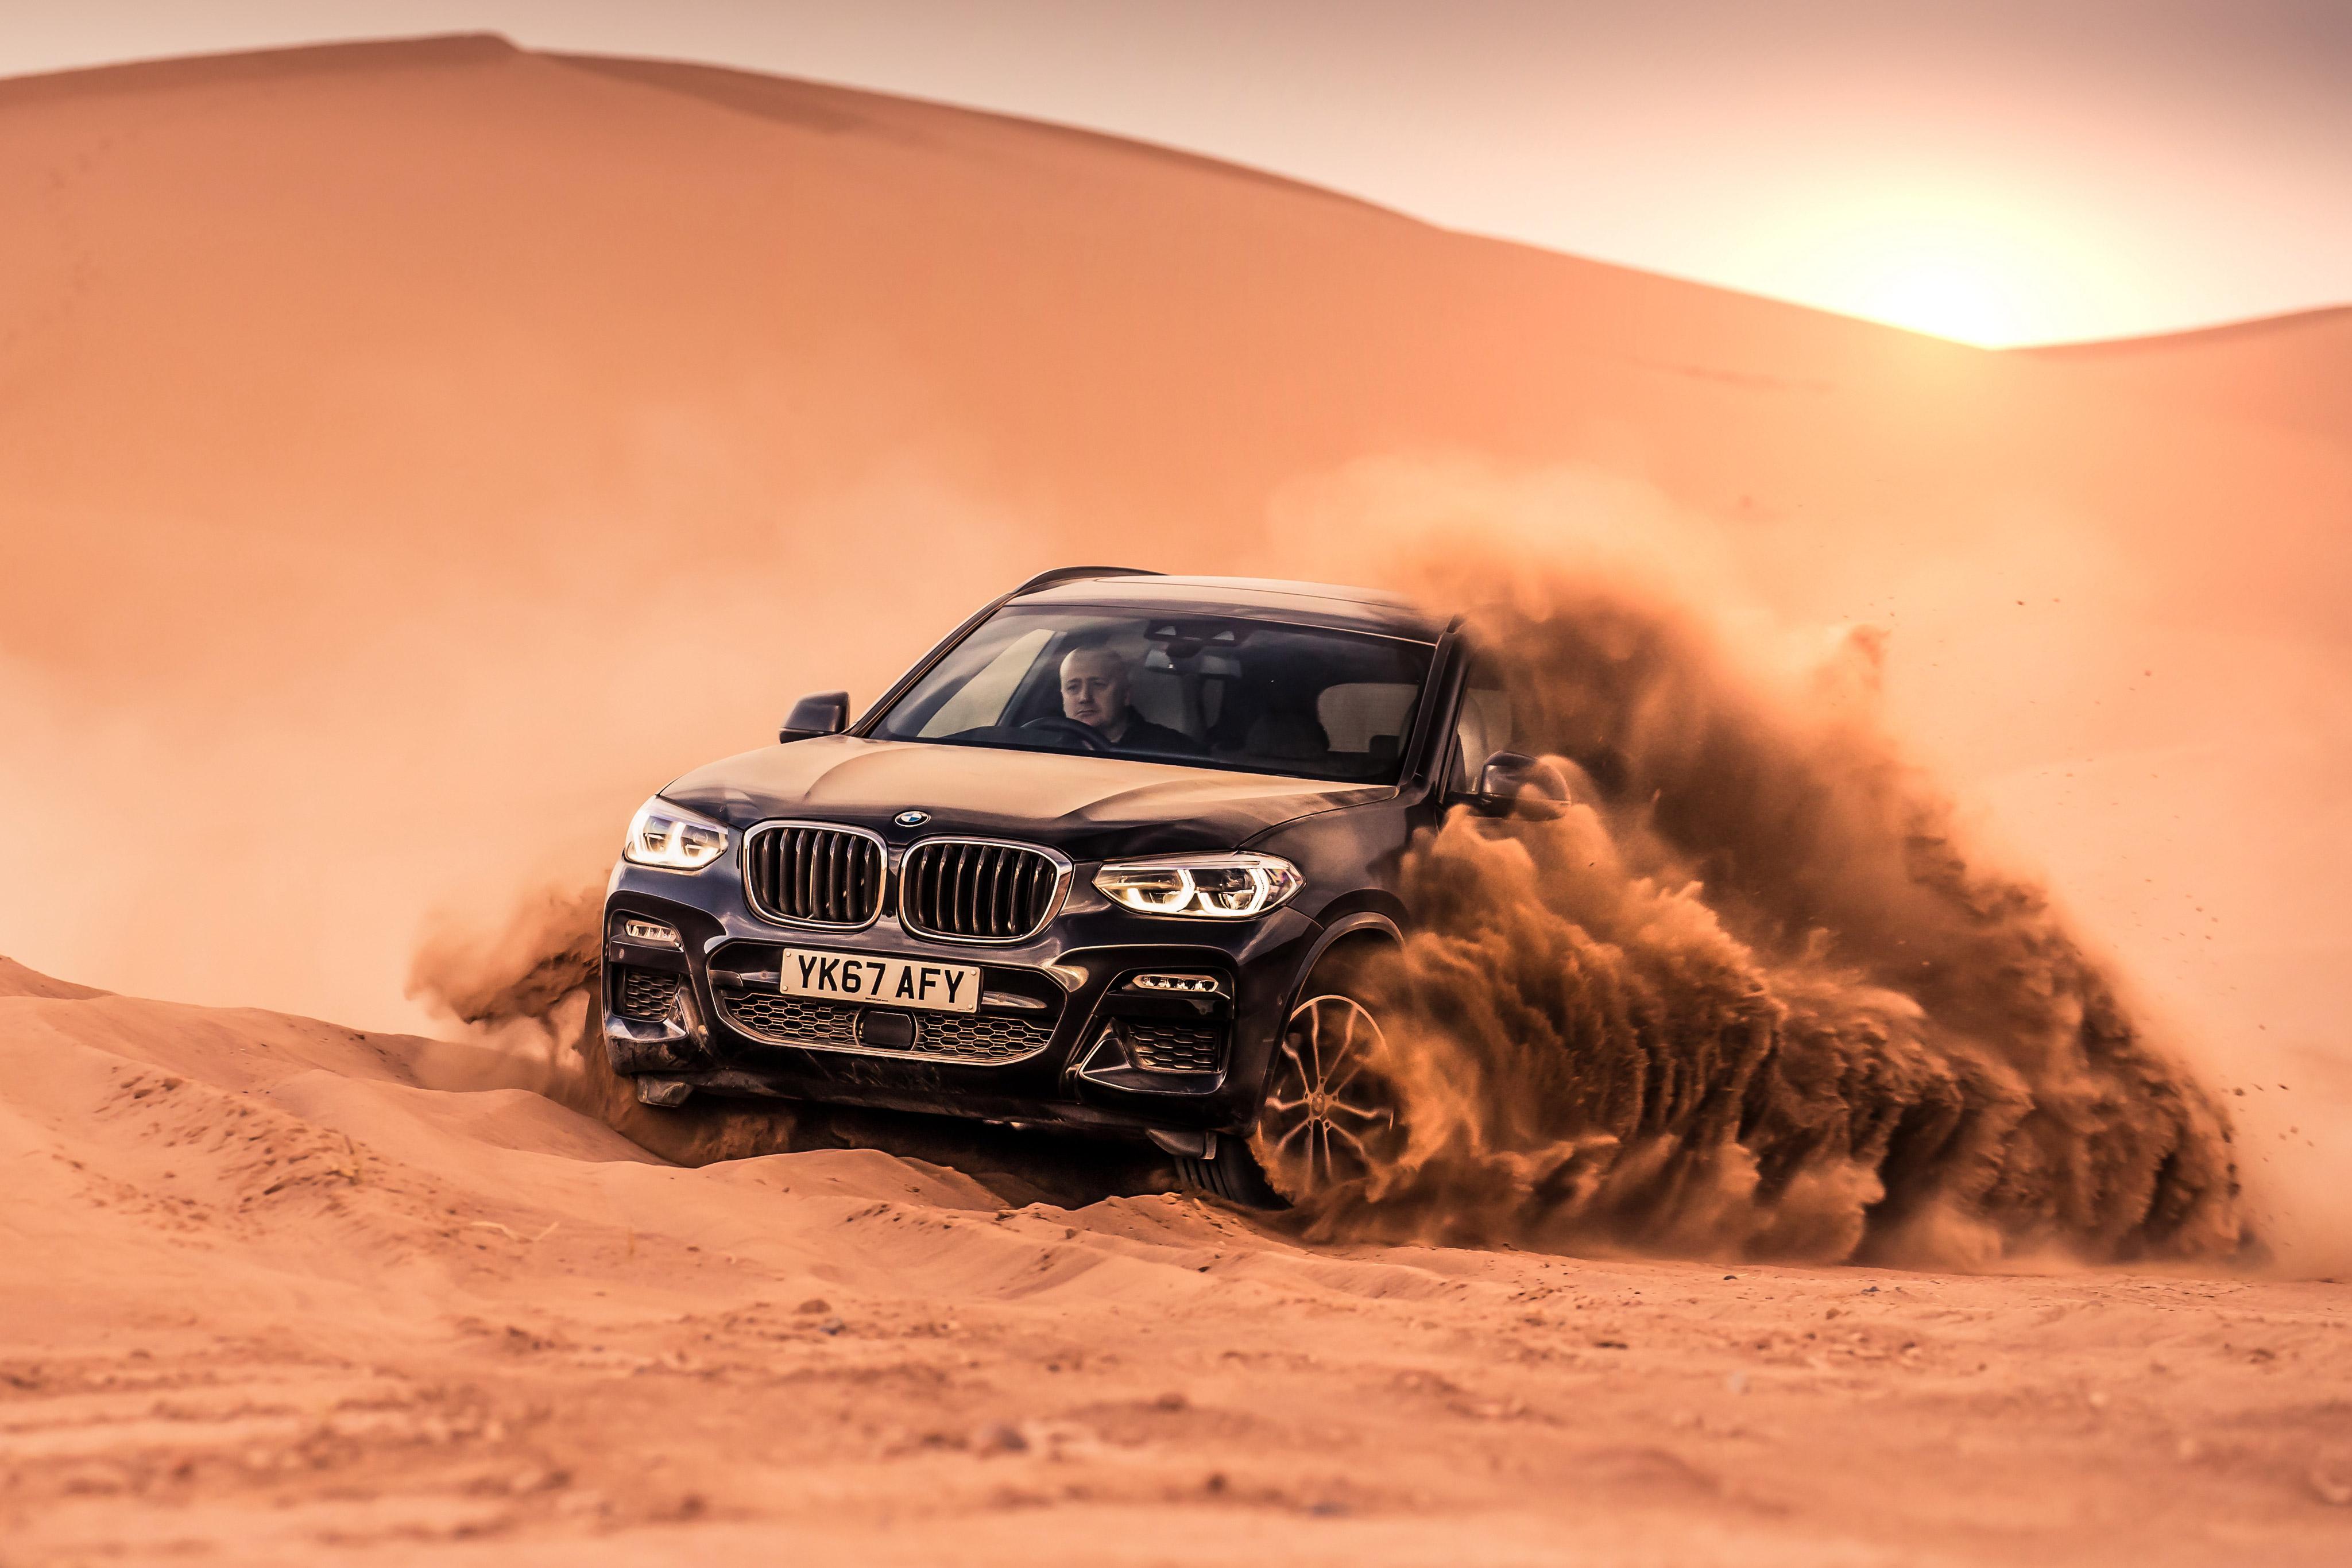 BMW X3 XDrive30d M Sport 2017 Offroading, HD Cars, 4k ...